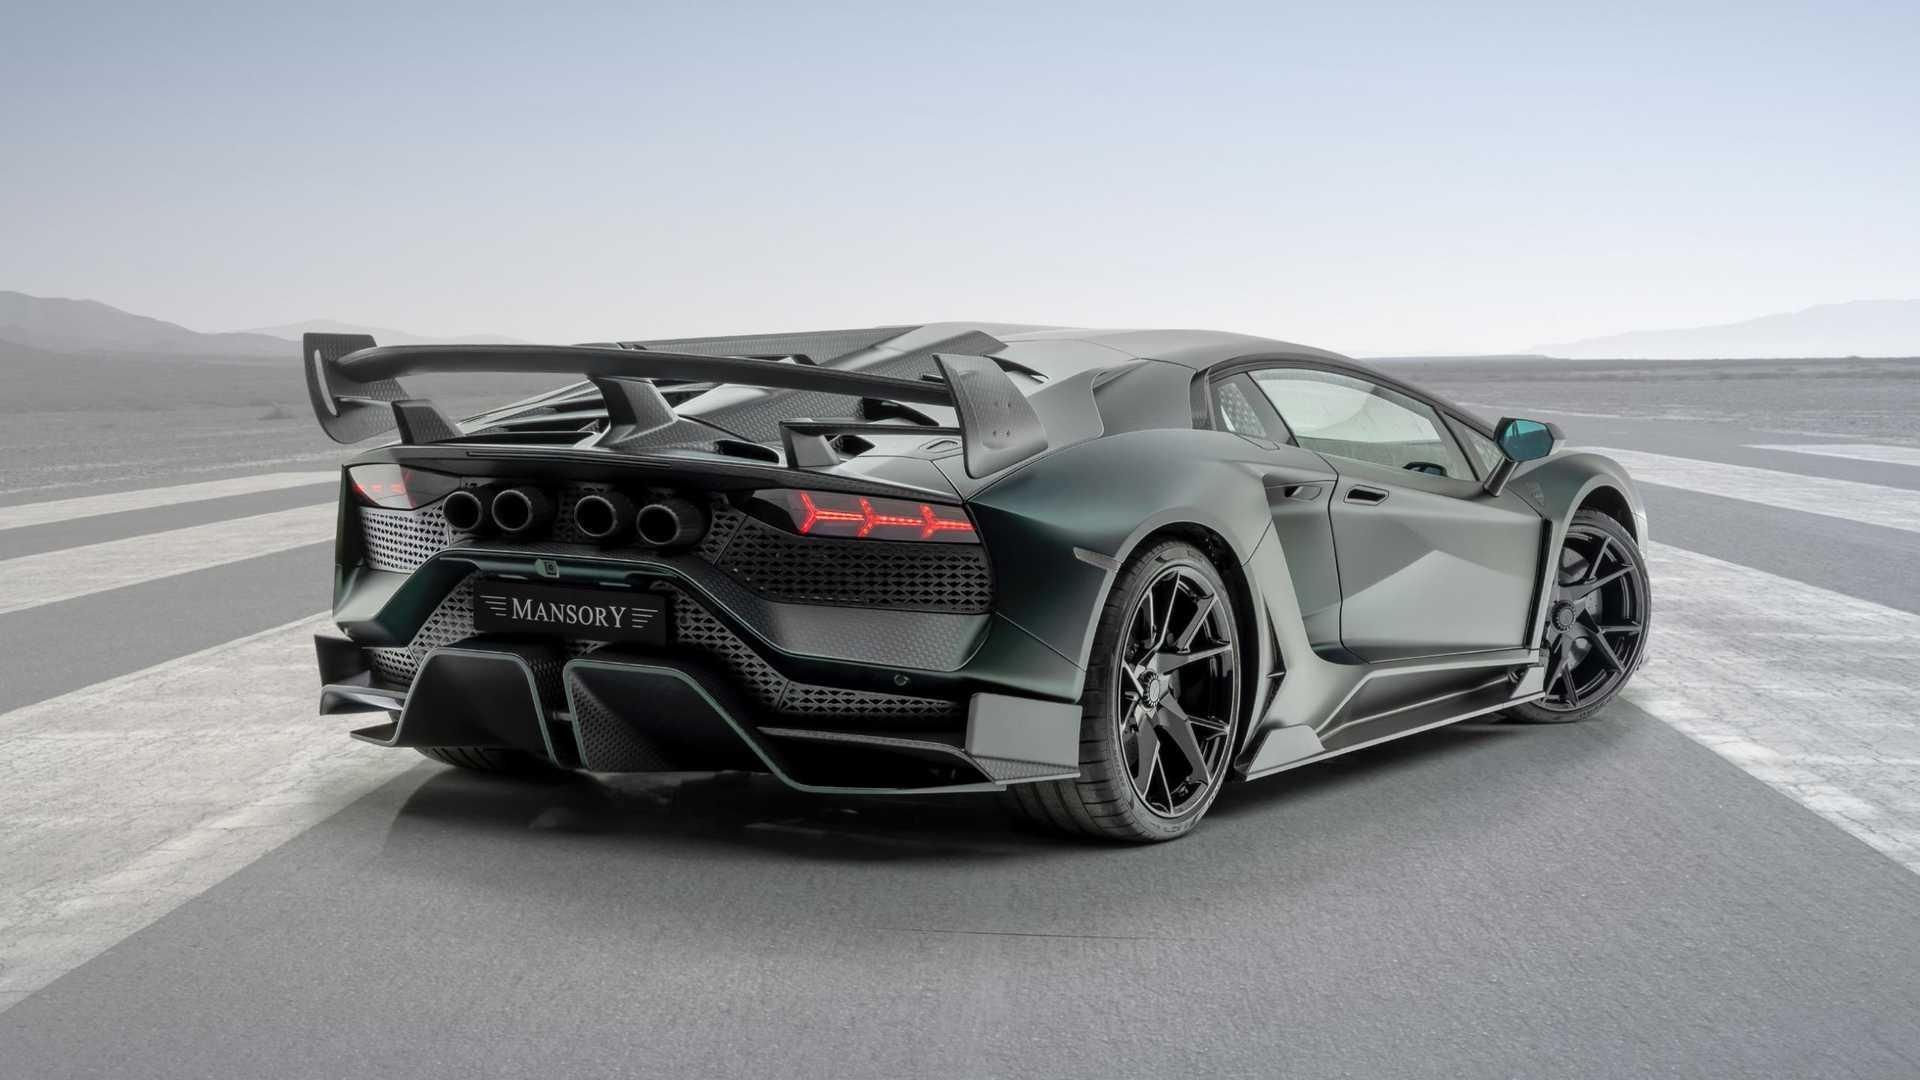 Mansory-Cabrera-Lamborghini-Aventador-SVJ-6